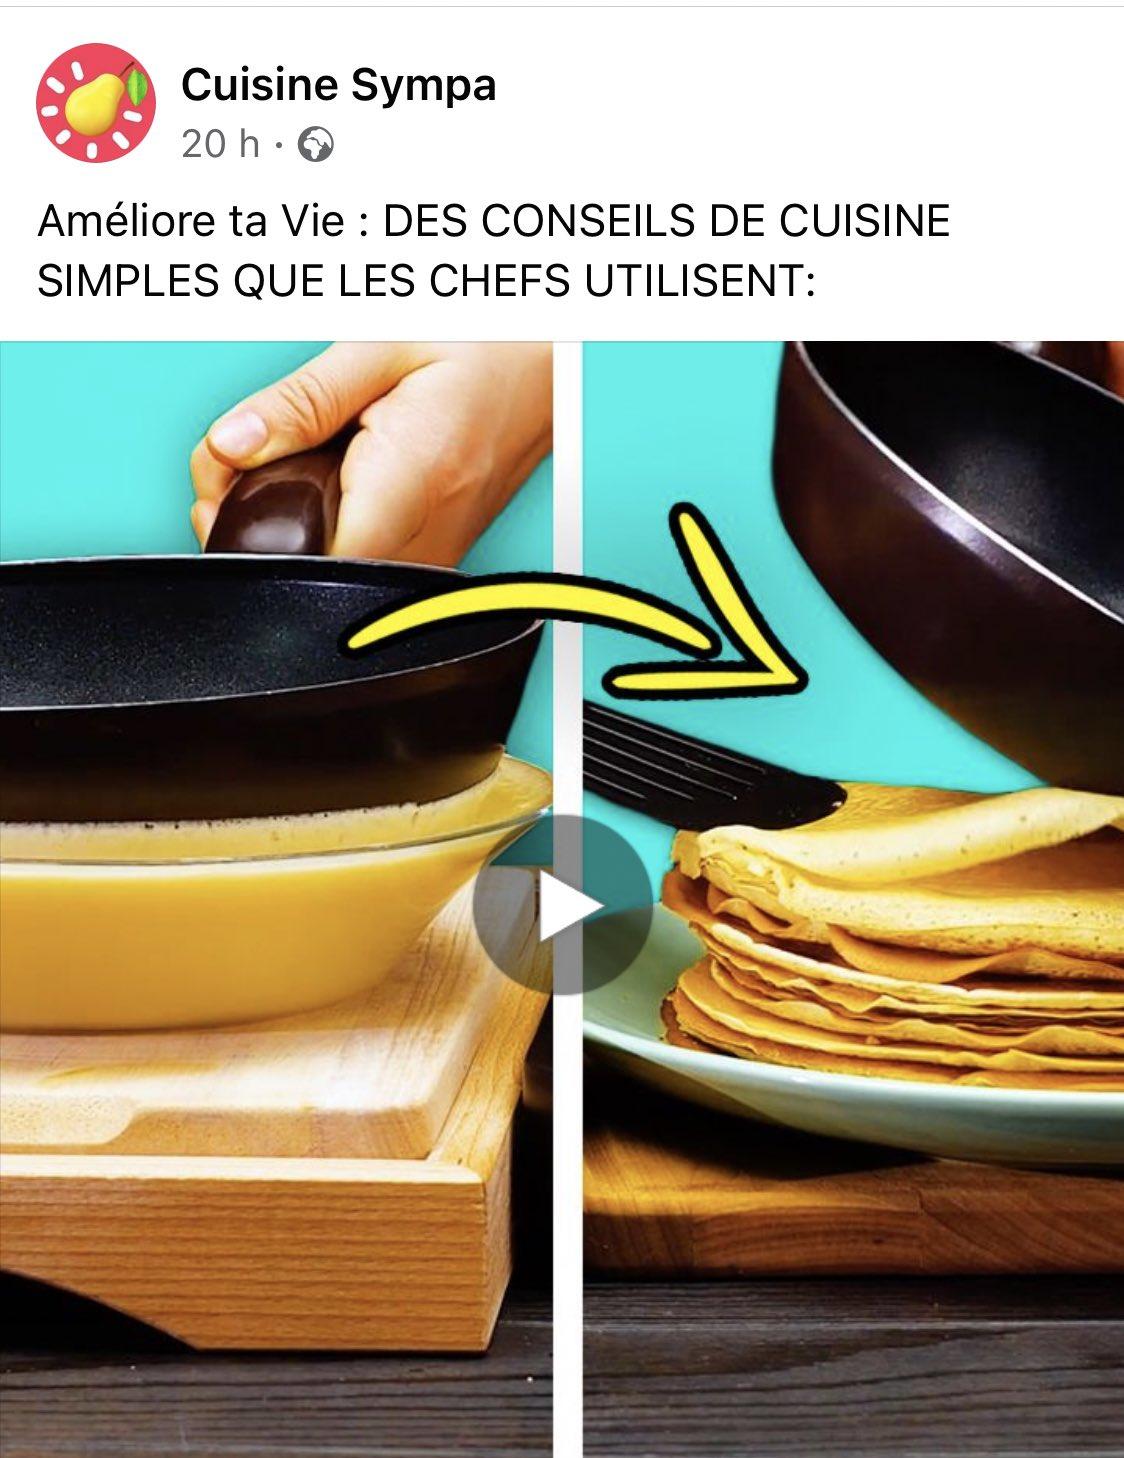 Passion : Vos recettes de cuisine - Page 19 Esq2g4NXIAAOMt3?format=jpg&name=large